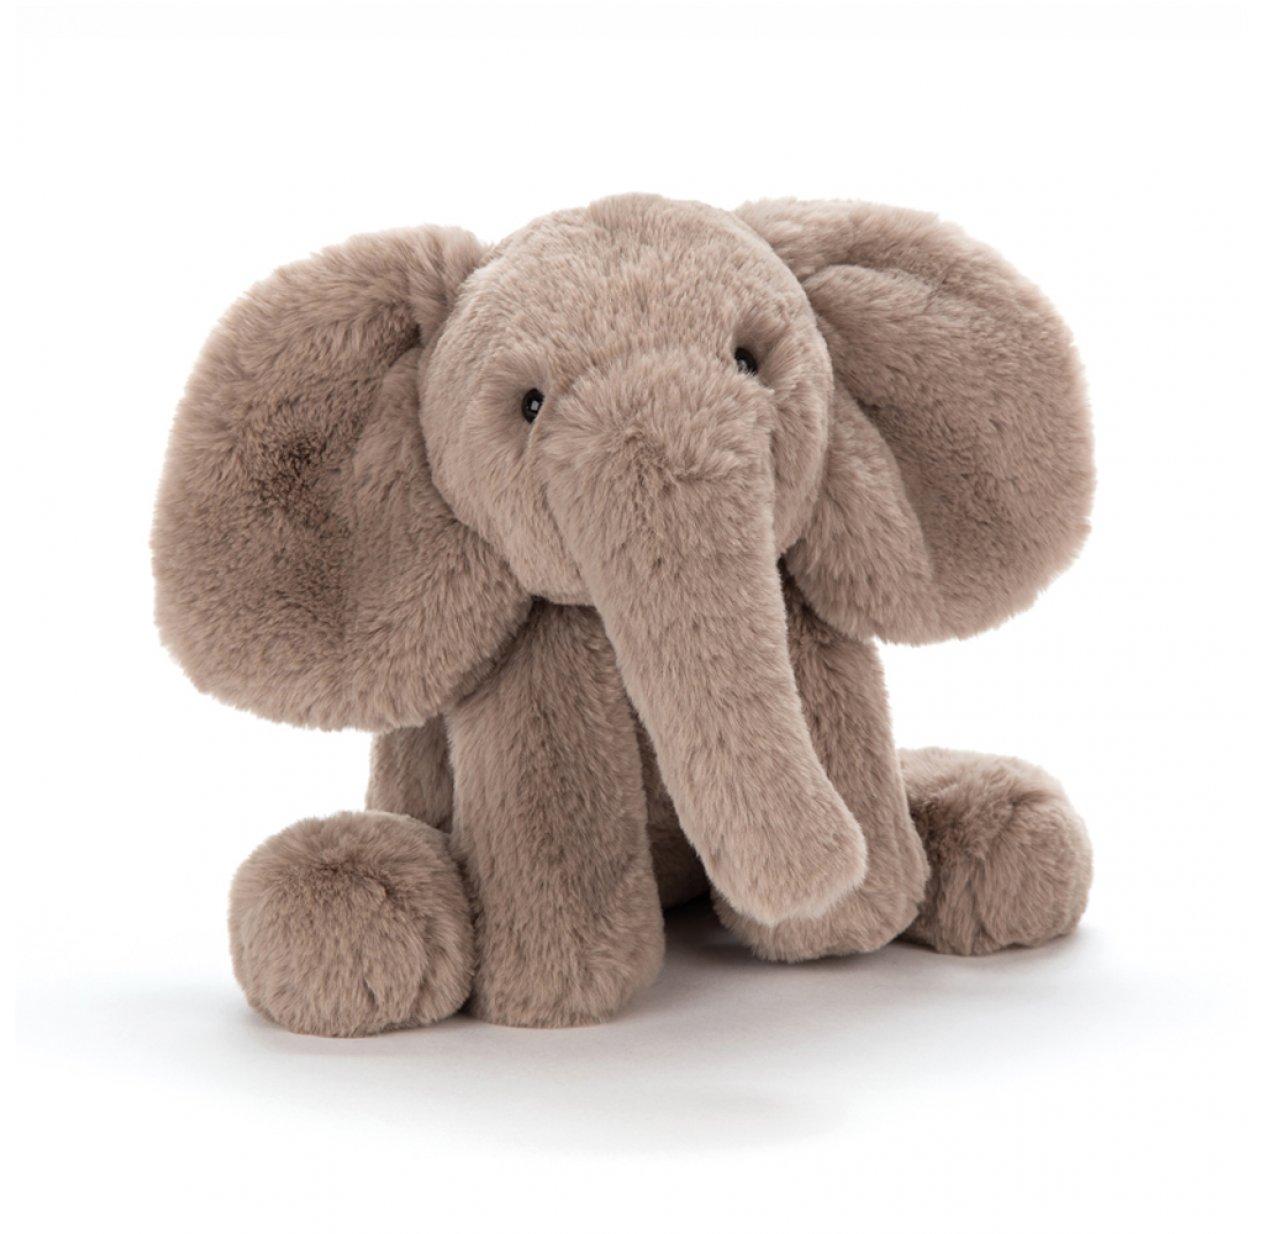 doudou l phant smudge elephant brun jellycat pour chambre enfant les enfants du design. Black Bedroom Furniture Sets. Home Design Ideas